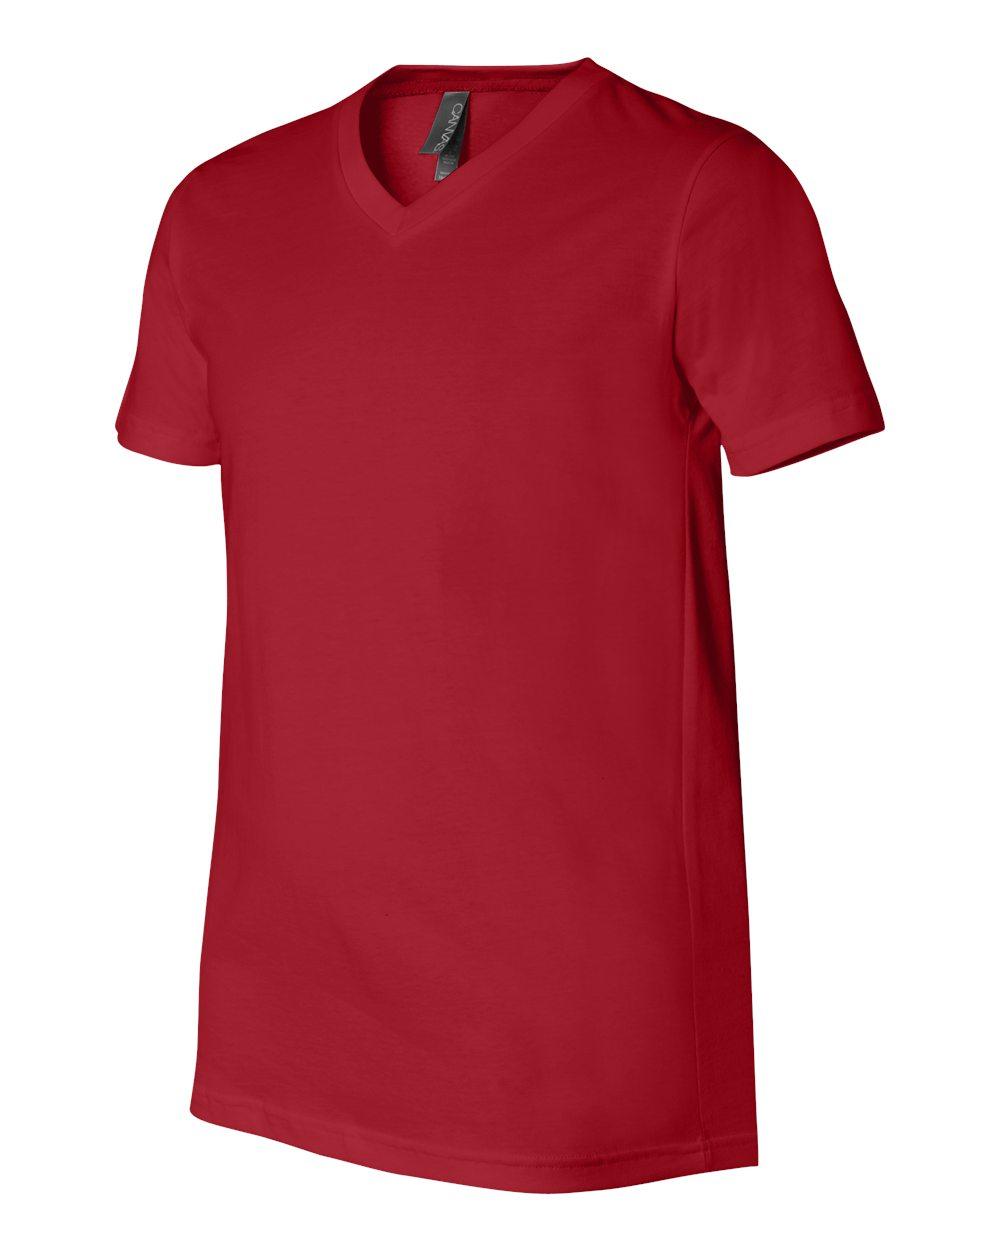 Bella-Canvas-Men-039-s-Jersey-Short-Sleeve-V-Neck-T-Shirt-3005-XS-3XL thumbnail 27